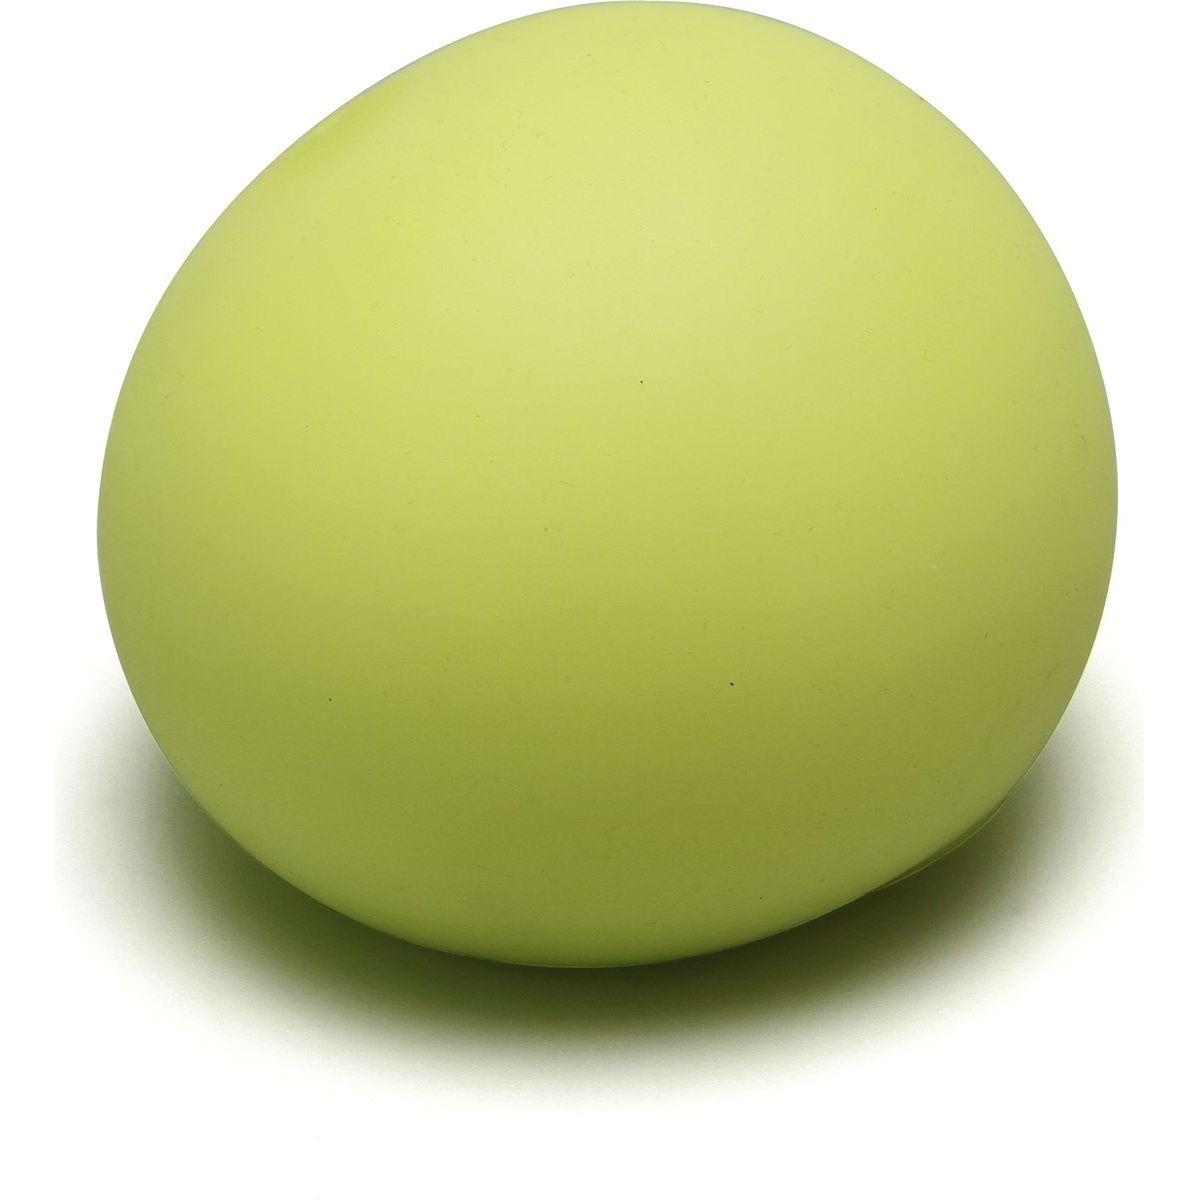 Antistresový míček 11cm svítící ve tmě žlutý